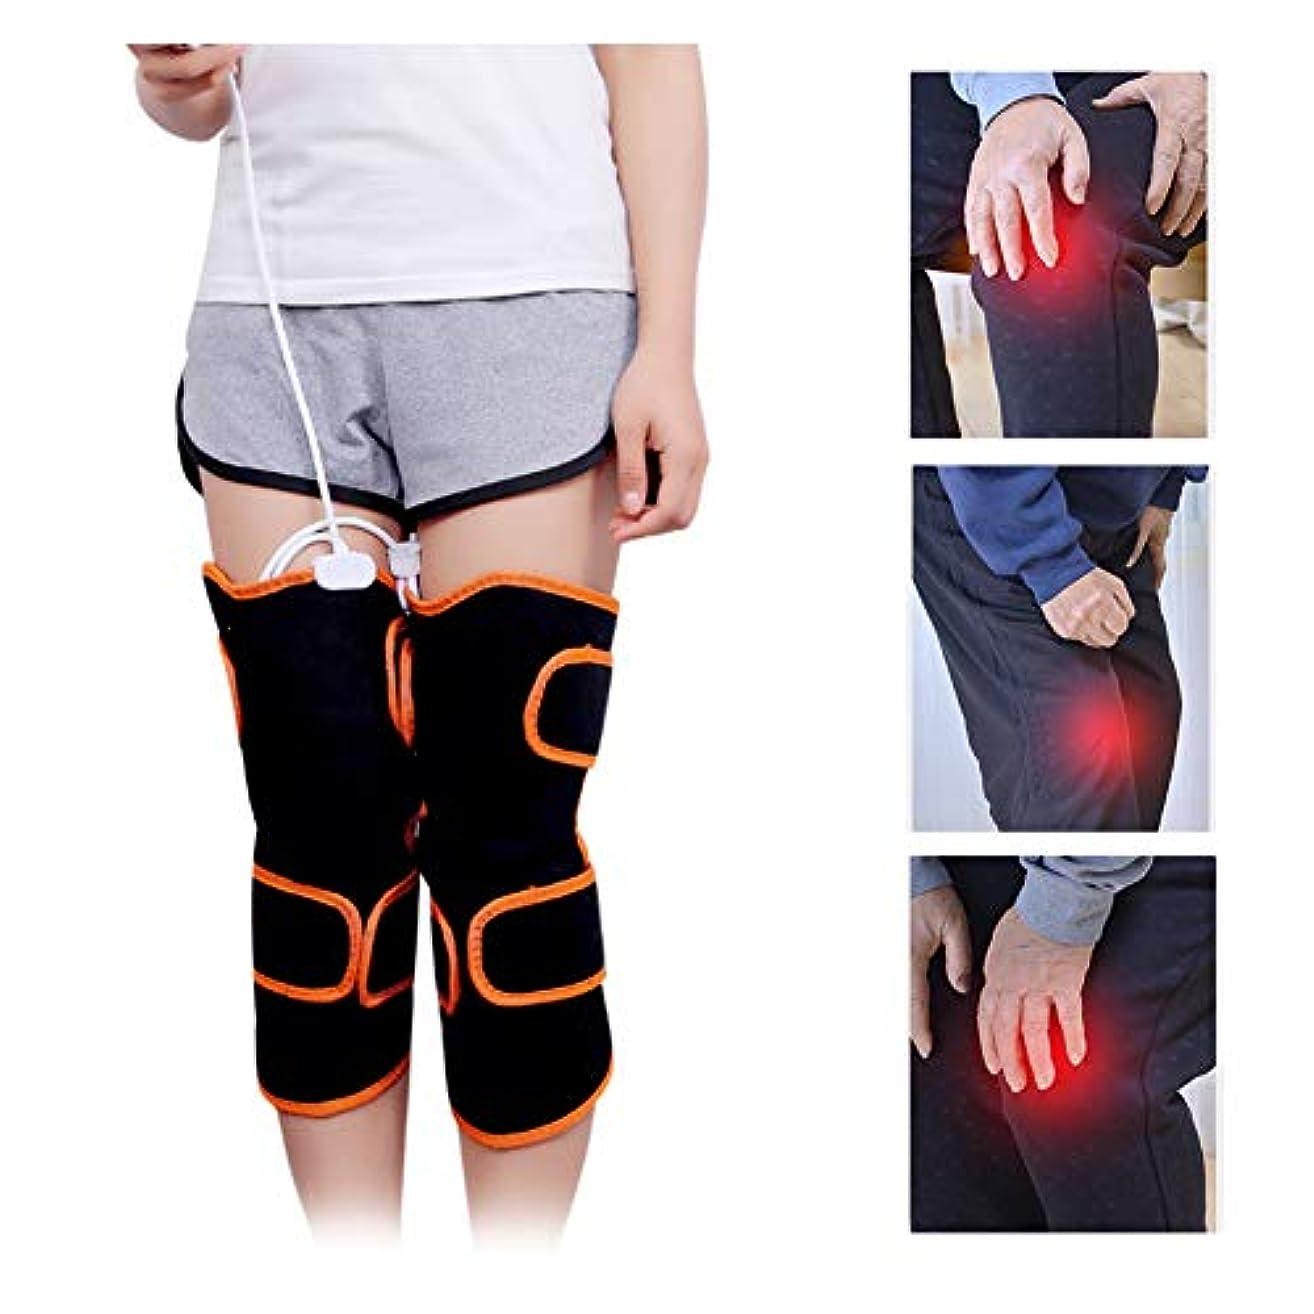 持つ仕出しますバルーン暖房膝ブレースラップサポート - 膝温熱パッド - 9マッサージモードと膝のけが、痛みを軽減するための5つの速度で治療マッサージャー